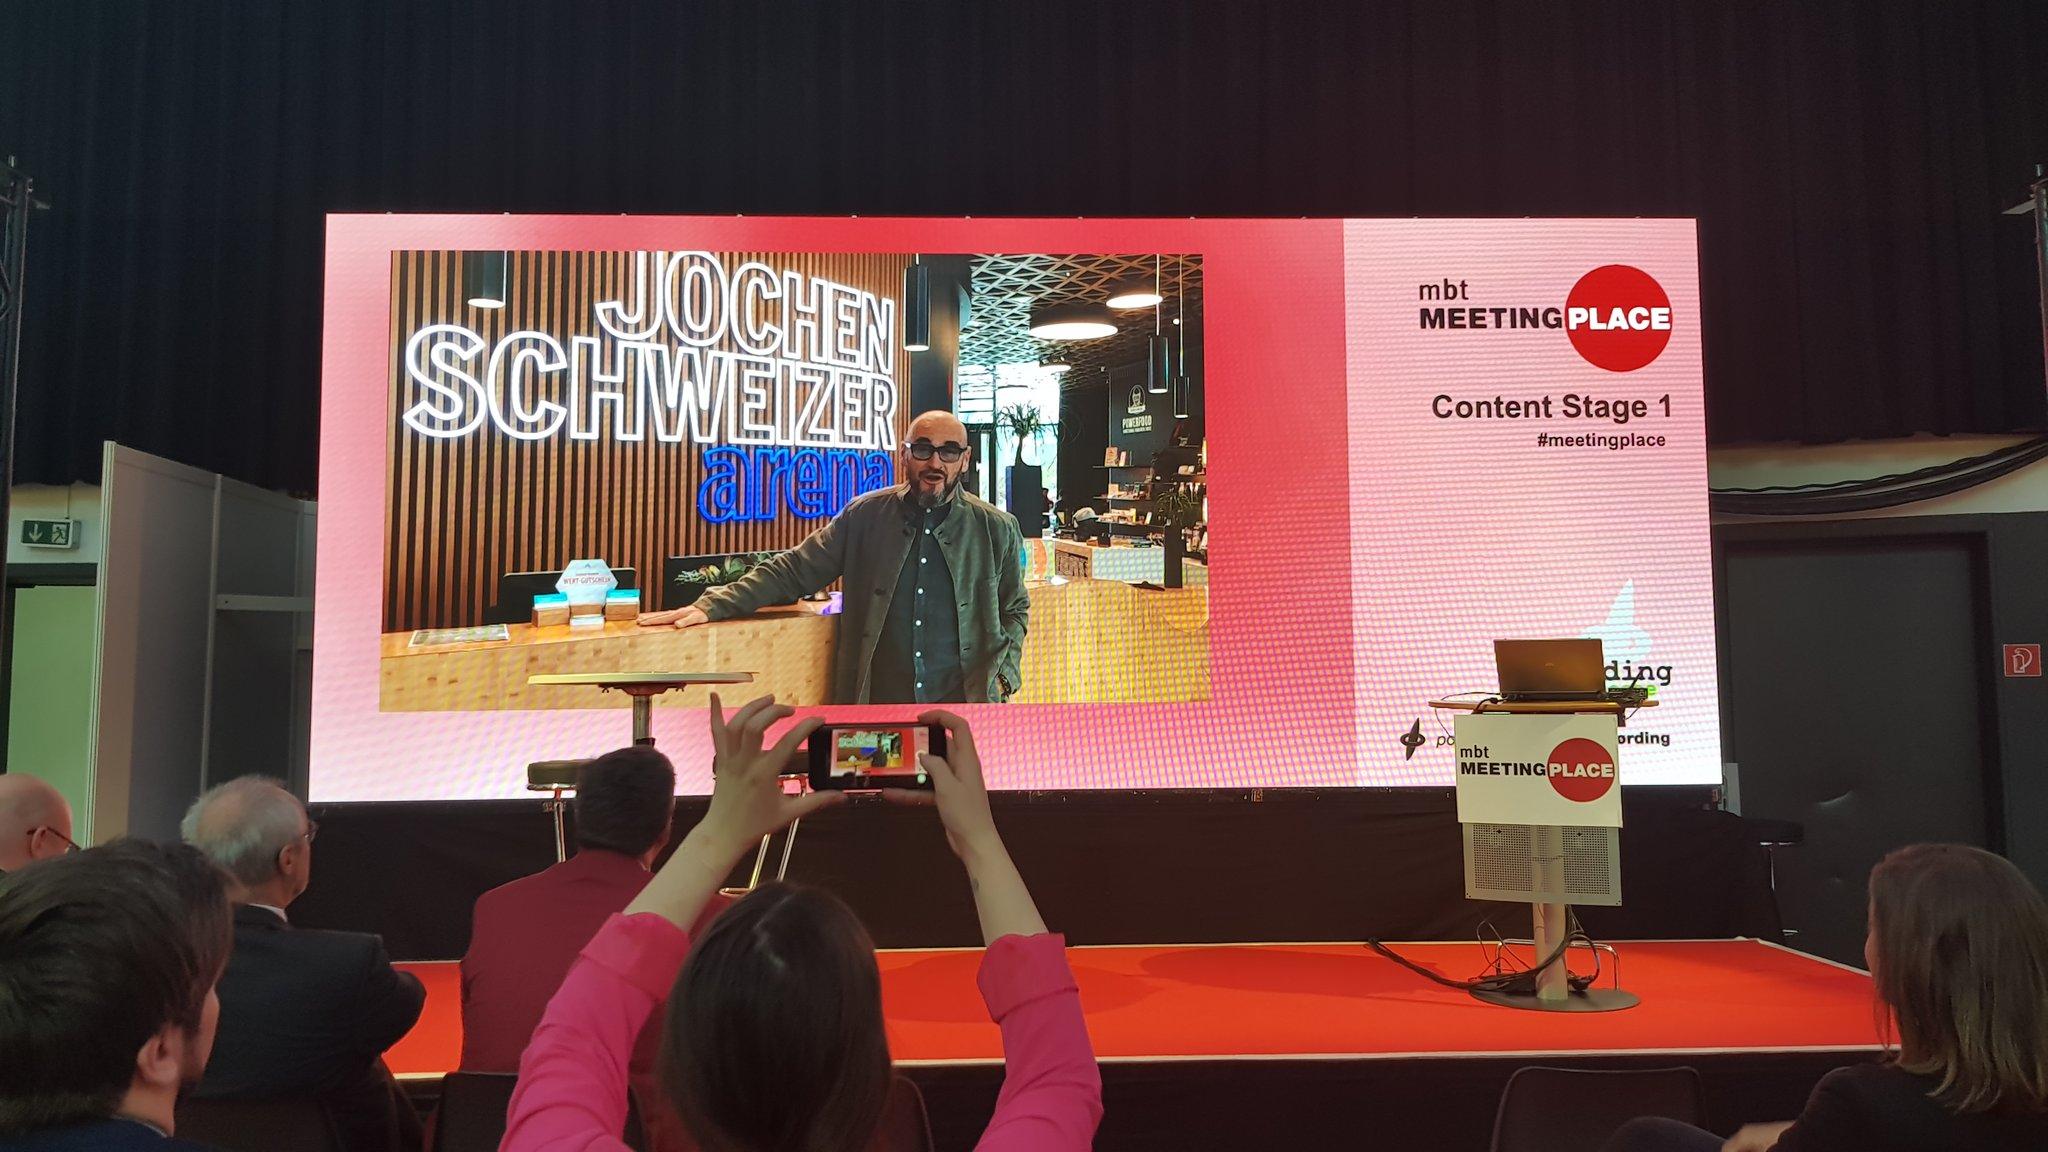 Abb. zu Artikel Jochen Schweizer mit MICE Achievement Award ausgezeichnet